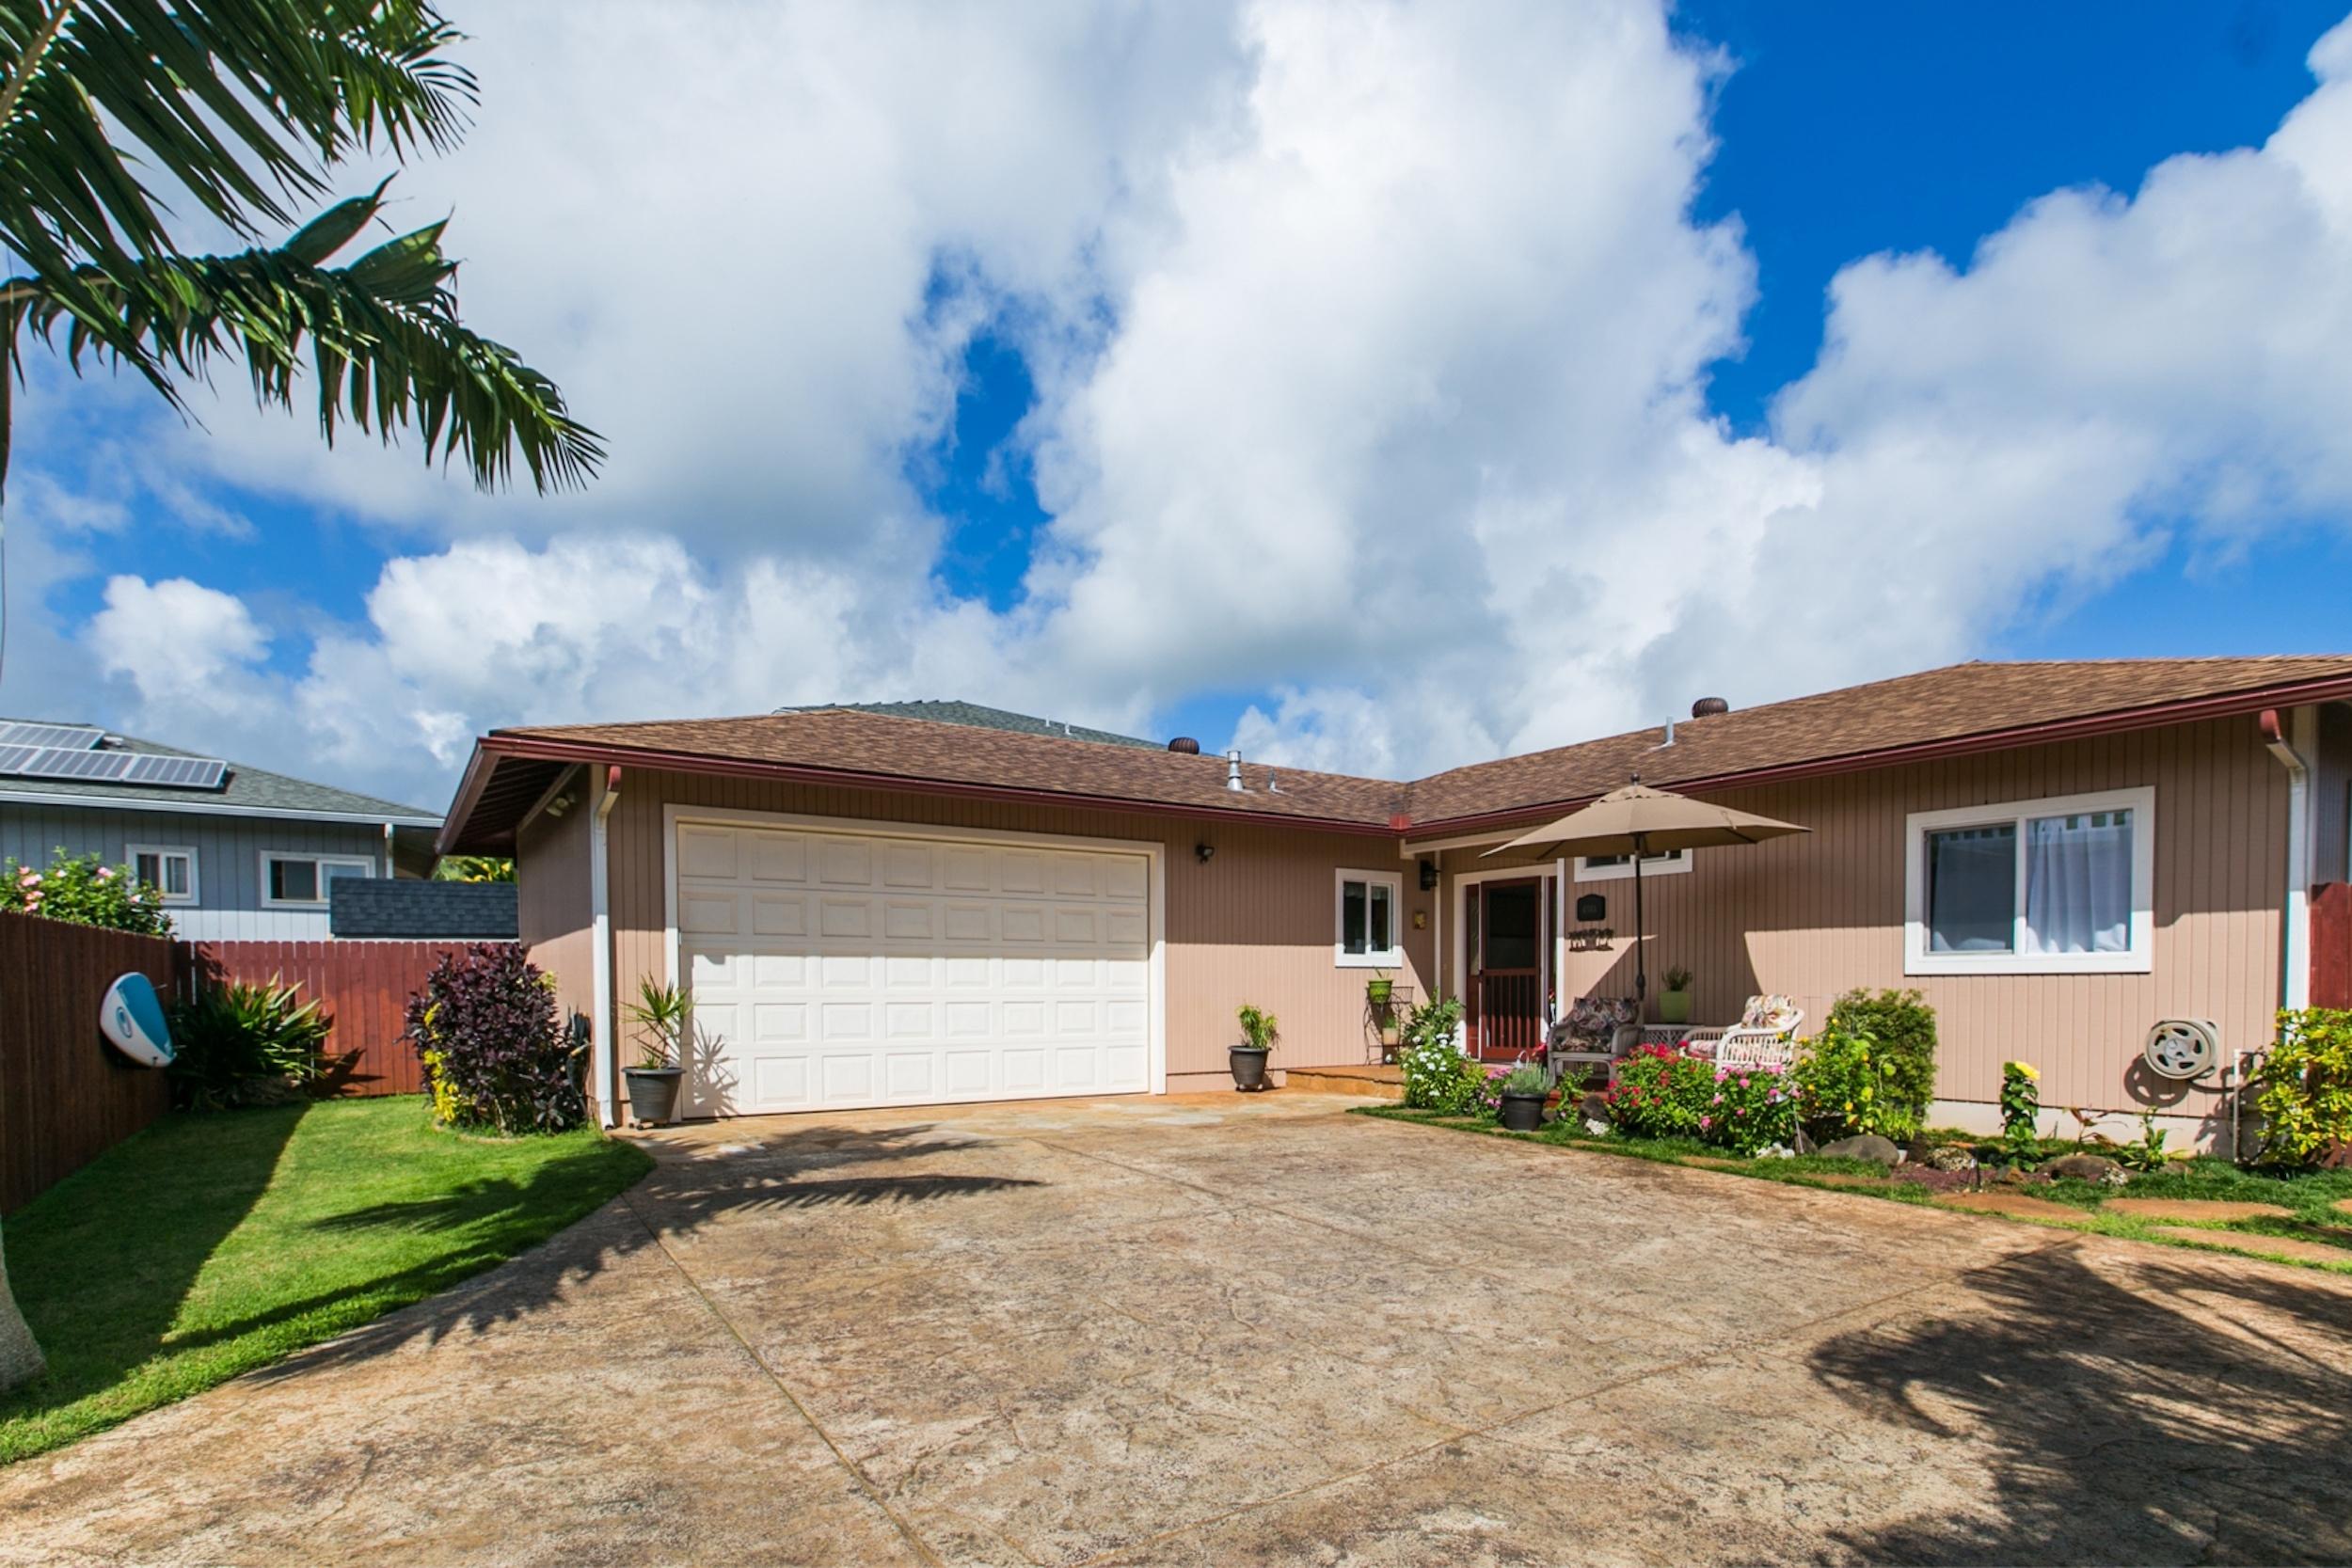 Casa Unifamiliar por un Venta en Lihue 4114-A Kawili St Lihue, Hawaii, 96766 Estados Unidos